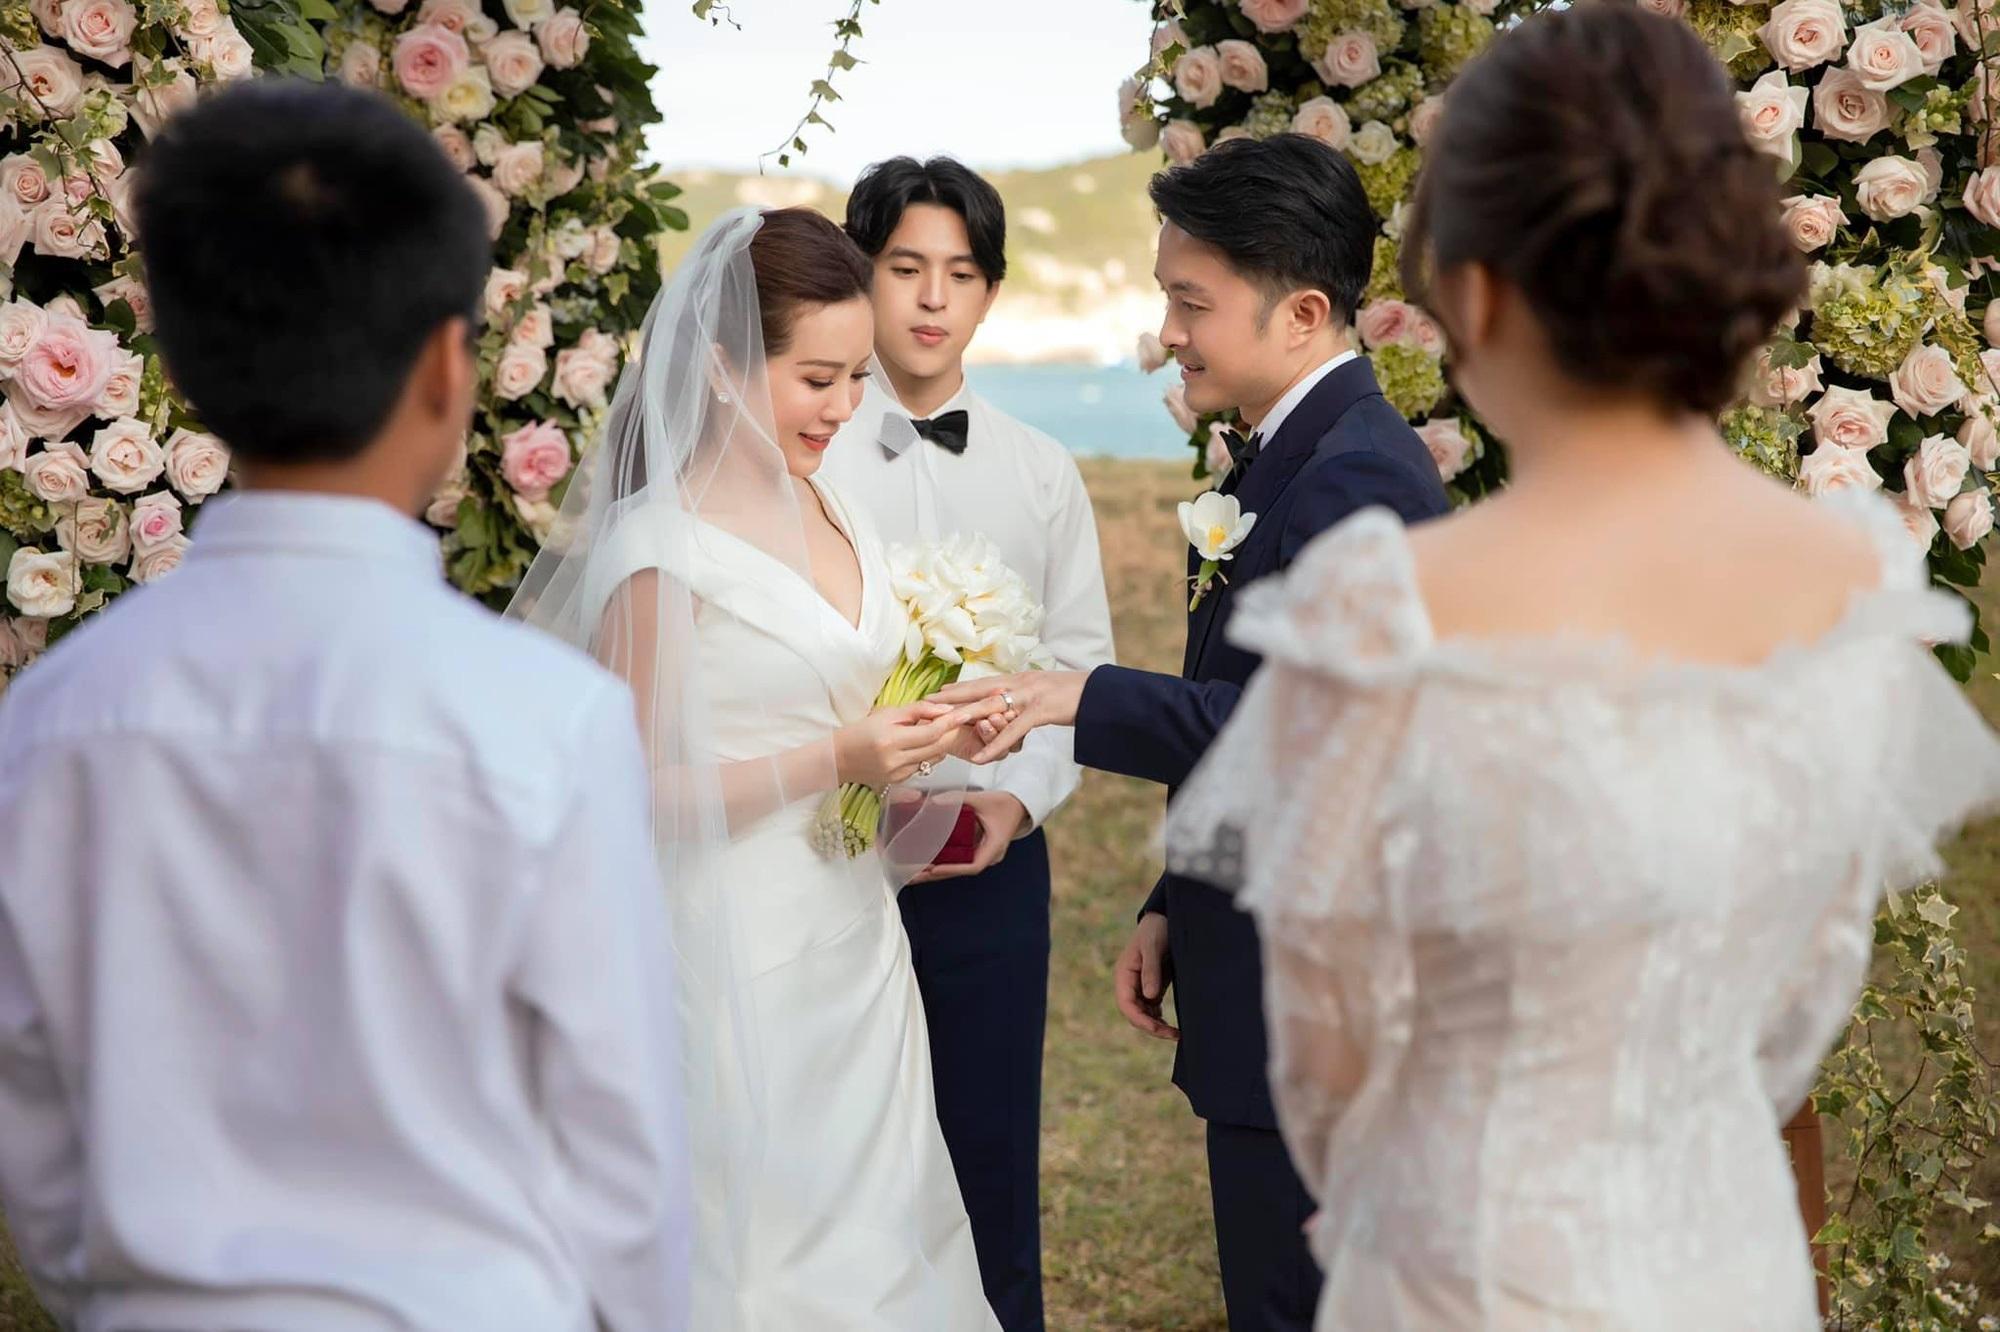 Hoa hậu Thu Hoài gặp chấn thương nghiêm trọng ở Mỹ, Hari Won - Mai Hồ cùng dàn sao Việt đồng loạt lo lắng hỏi thăm - Ảnh 5